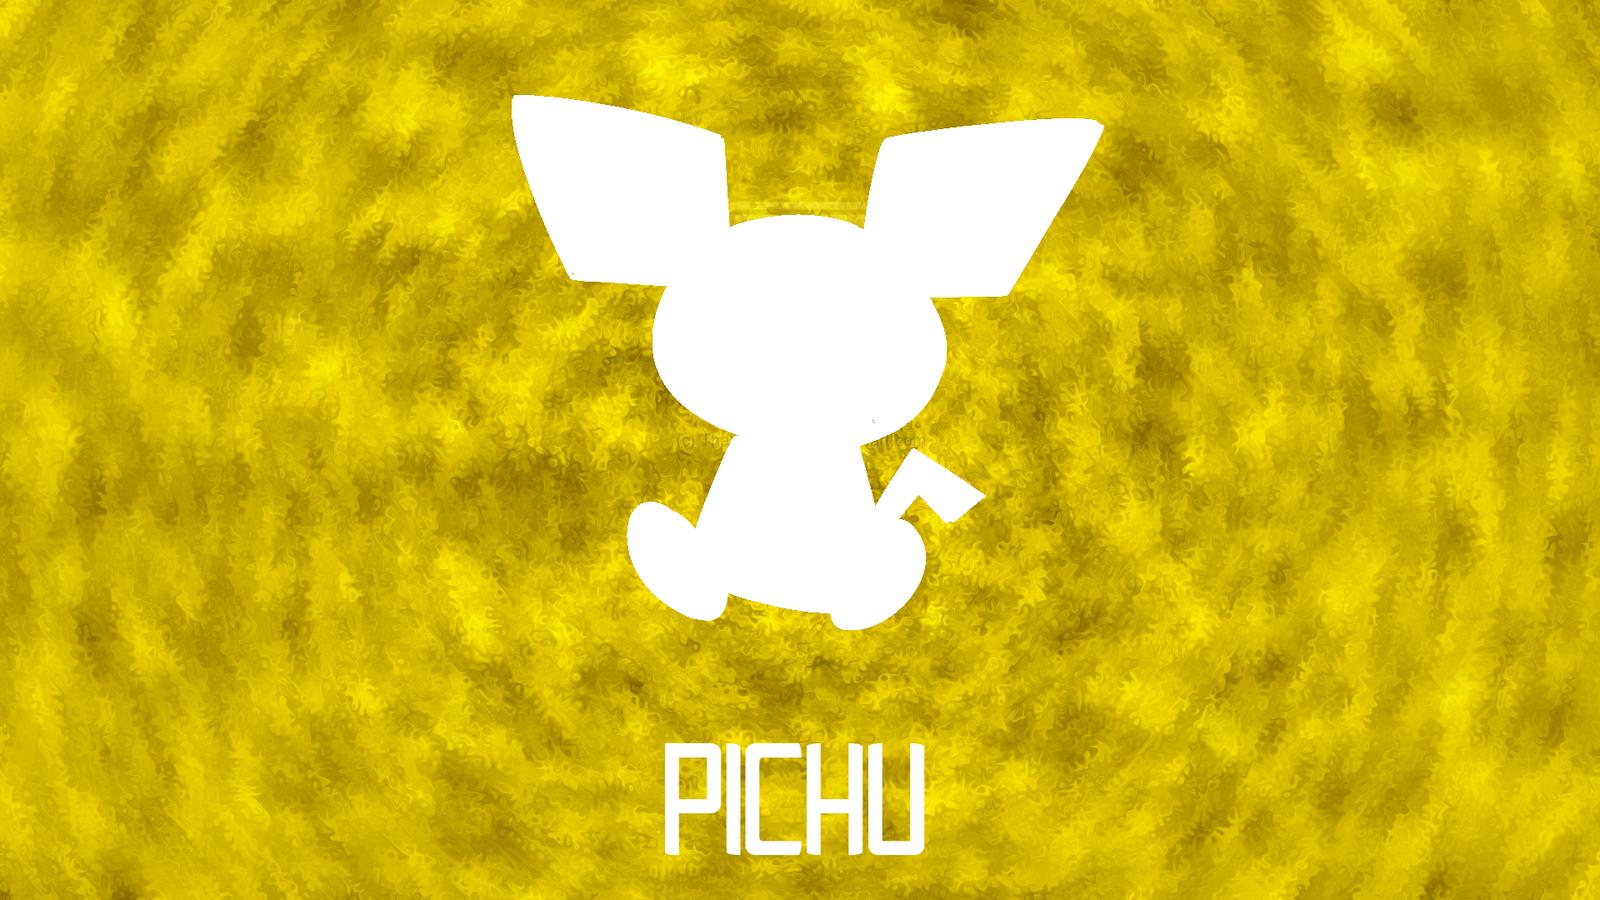 Pichu Pokemon Wallpaper 2016 3041 Wallpaper Themes 1600x900